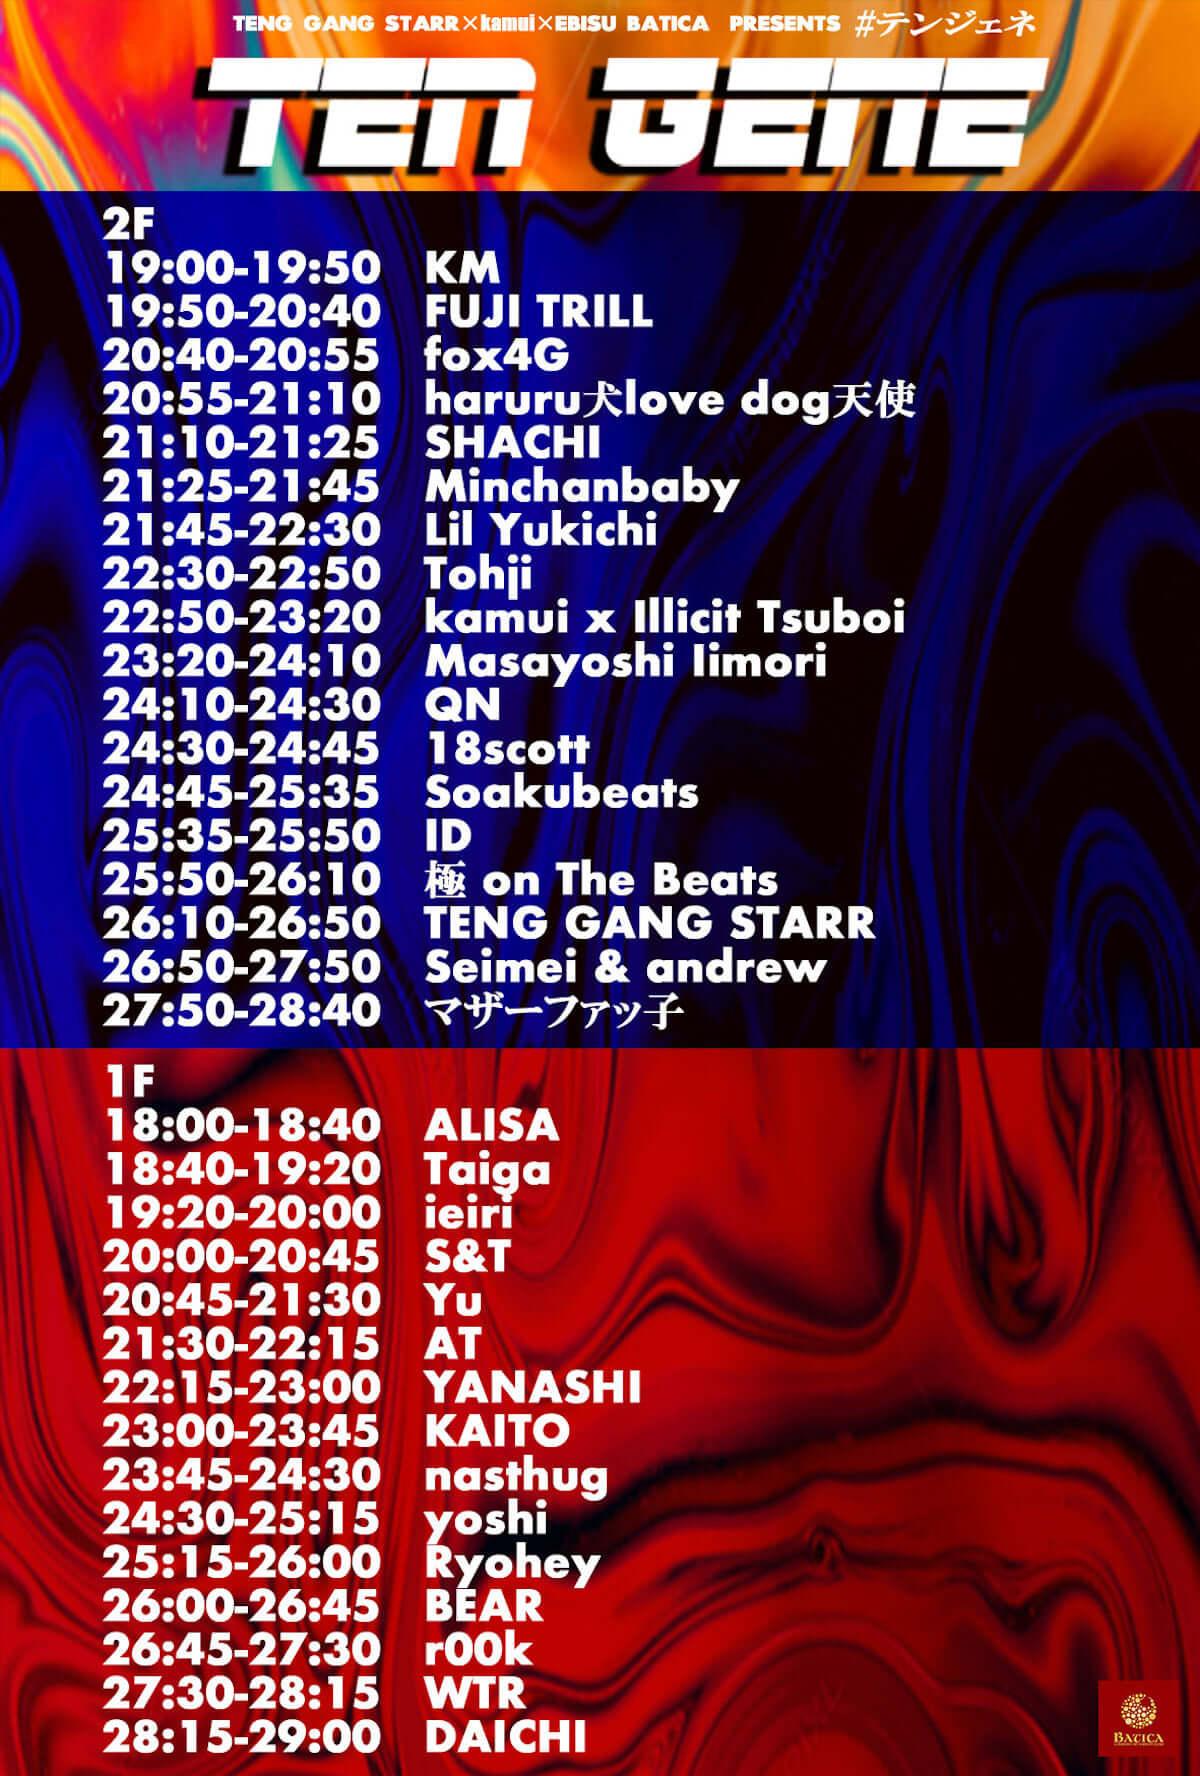 TENG GANG STARR×EBISU BATICAプレゼンツするユースカルチャーの祭典が明日開催!kamui×ILLICIT TSUBOIらが登場! music181228-teng-gang-starr-kamui-batica-3-1200x1776